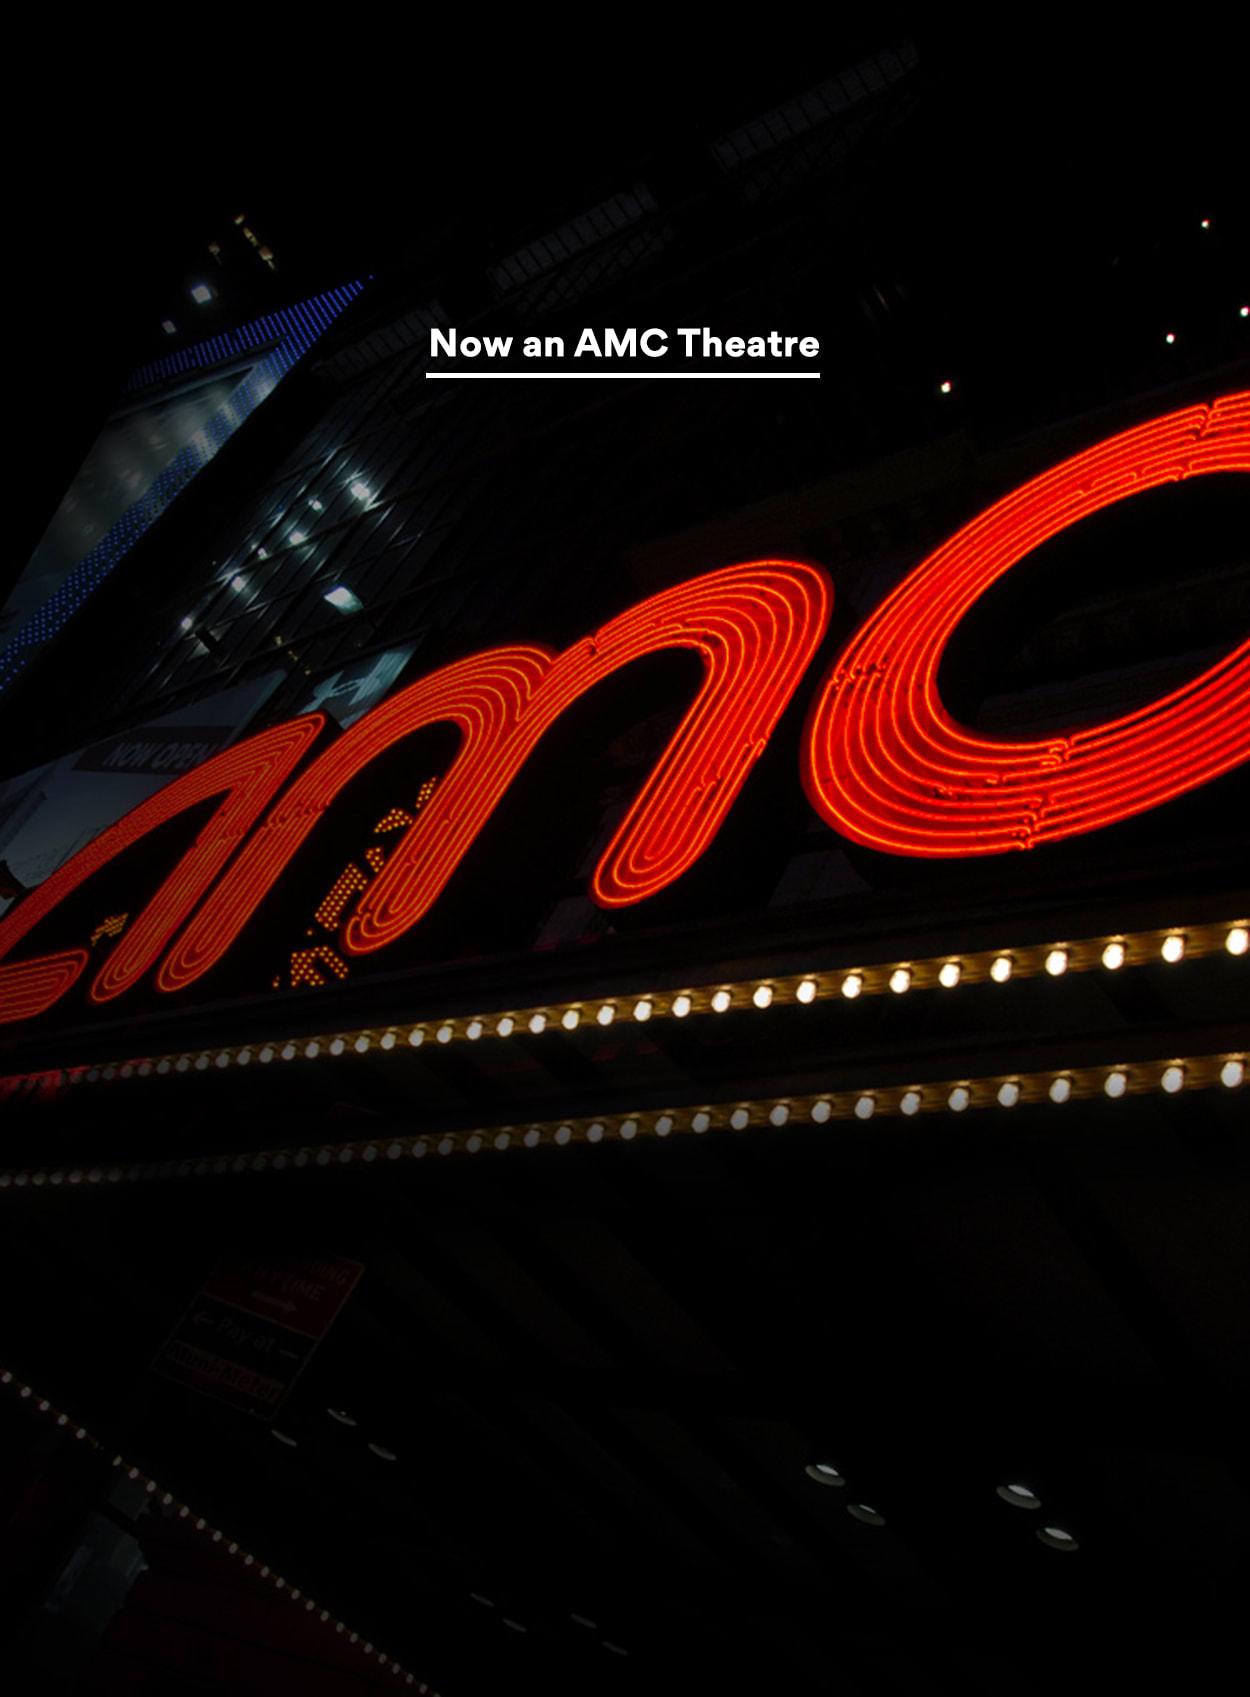 AMC West Chester 18 - West Chester, Ohio 45069 - AMC Theatres